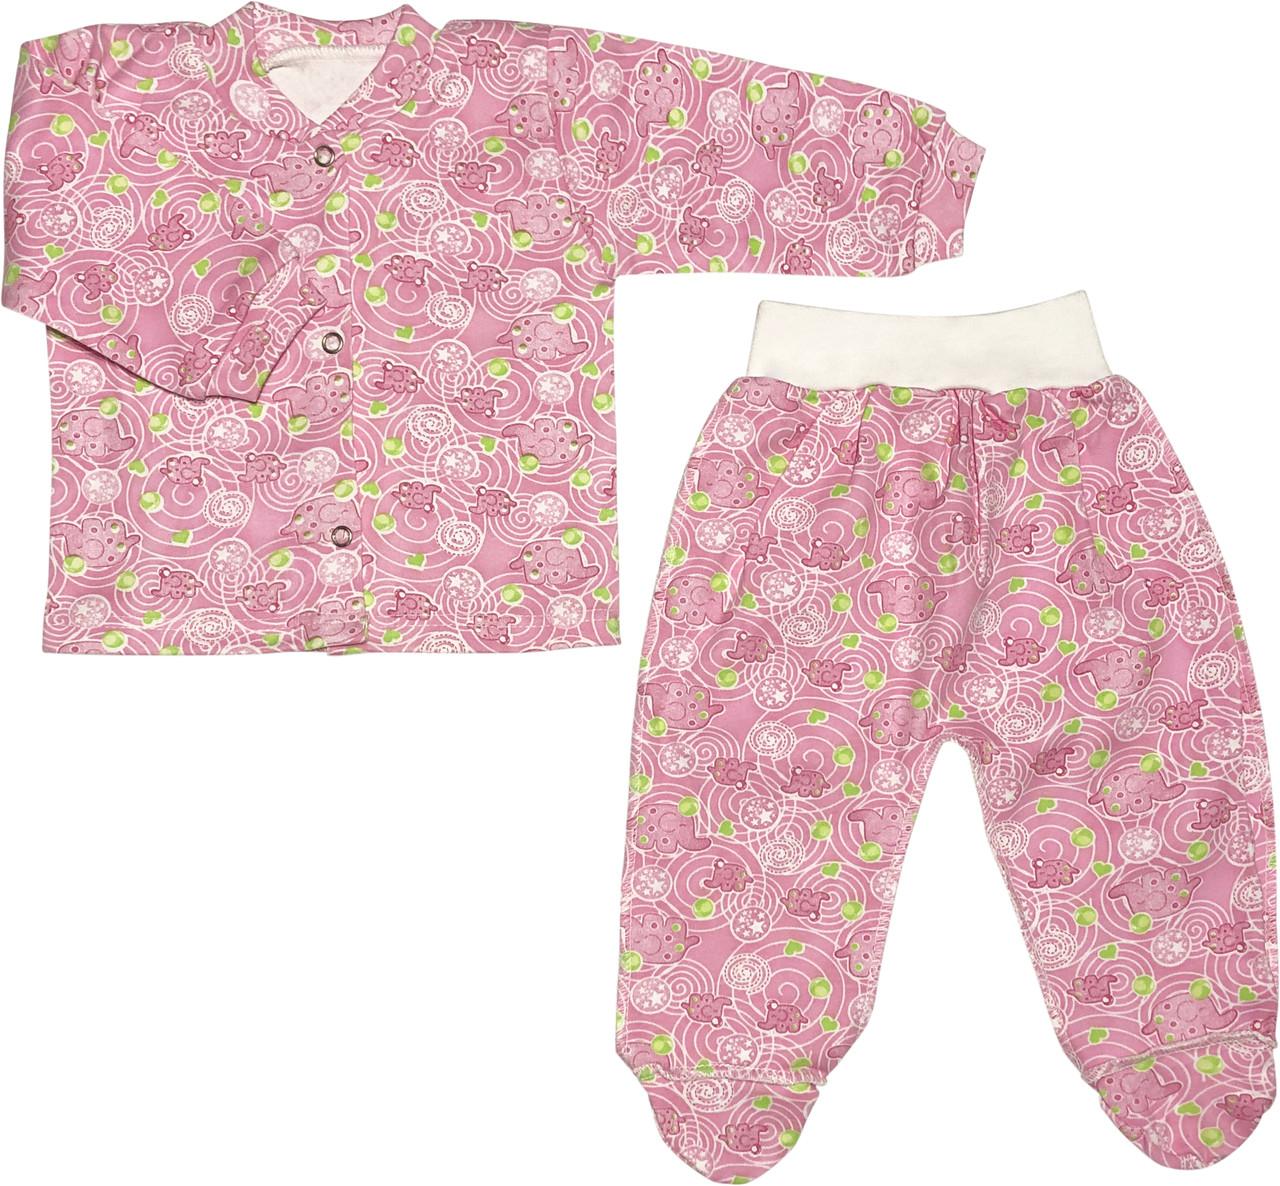 Дитячий костюм зростання 62 2-3 міс трикотажний інтерлок рожевий костюмчик на дівчинку комплект для новонароджених малюків Р255